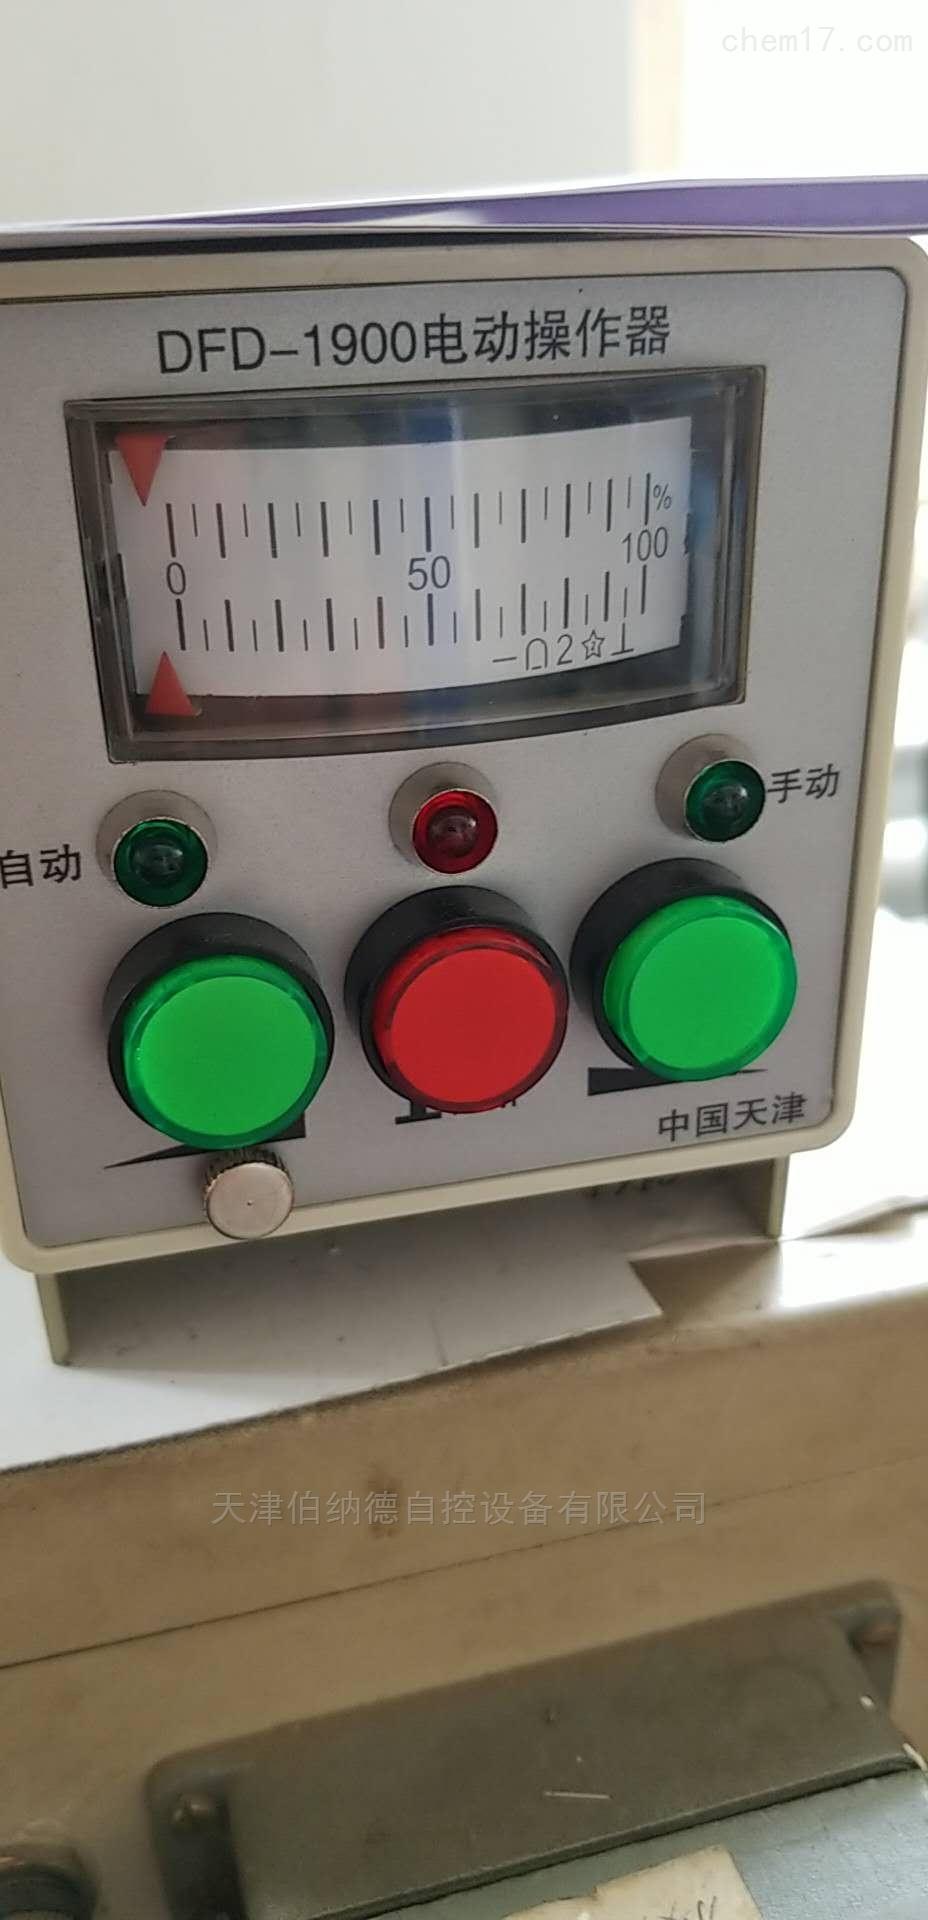 伯纳德电动操作器